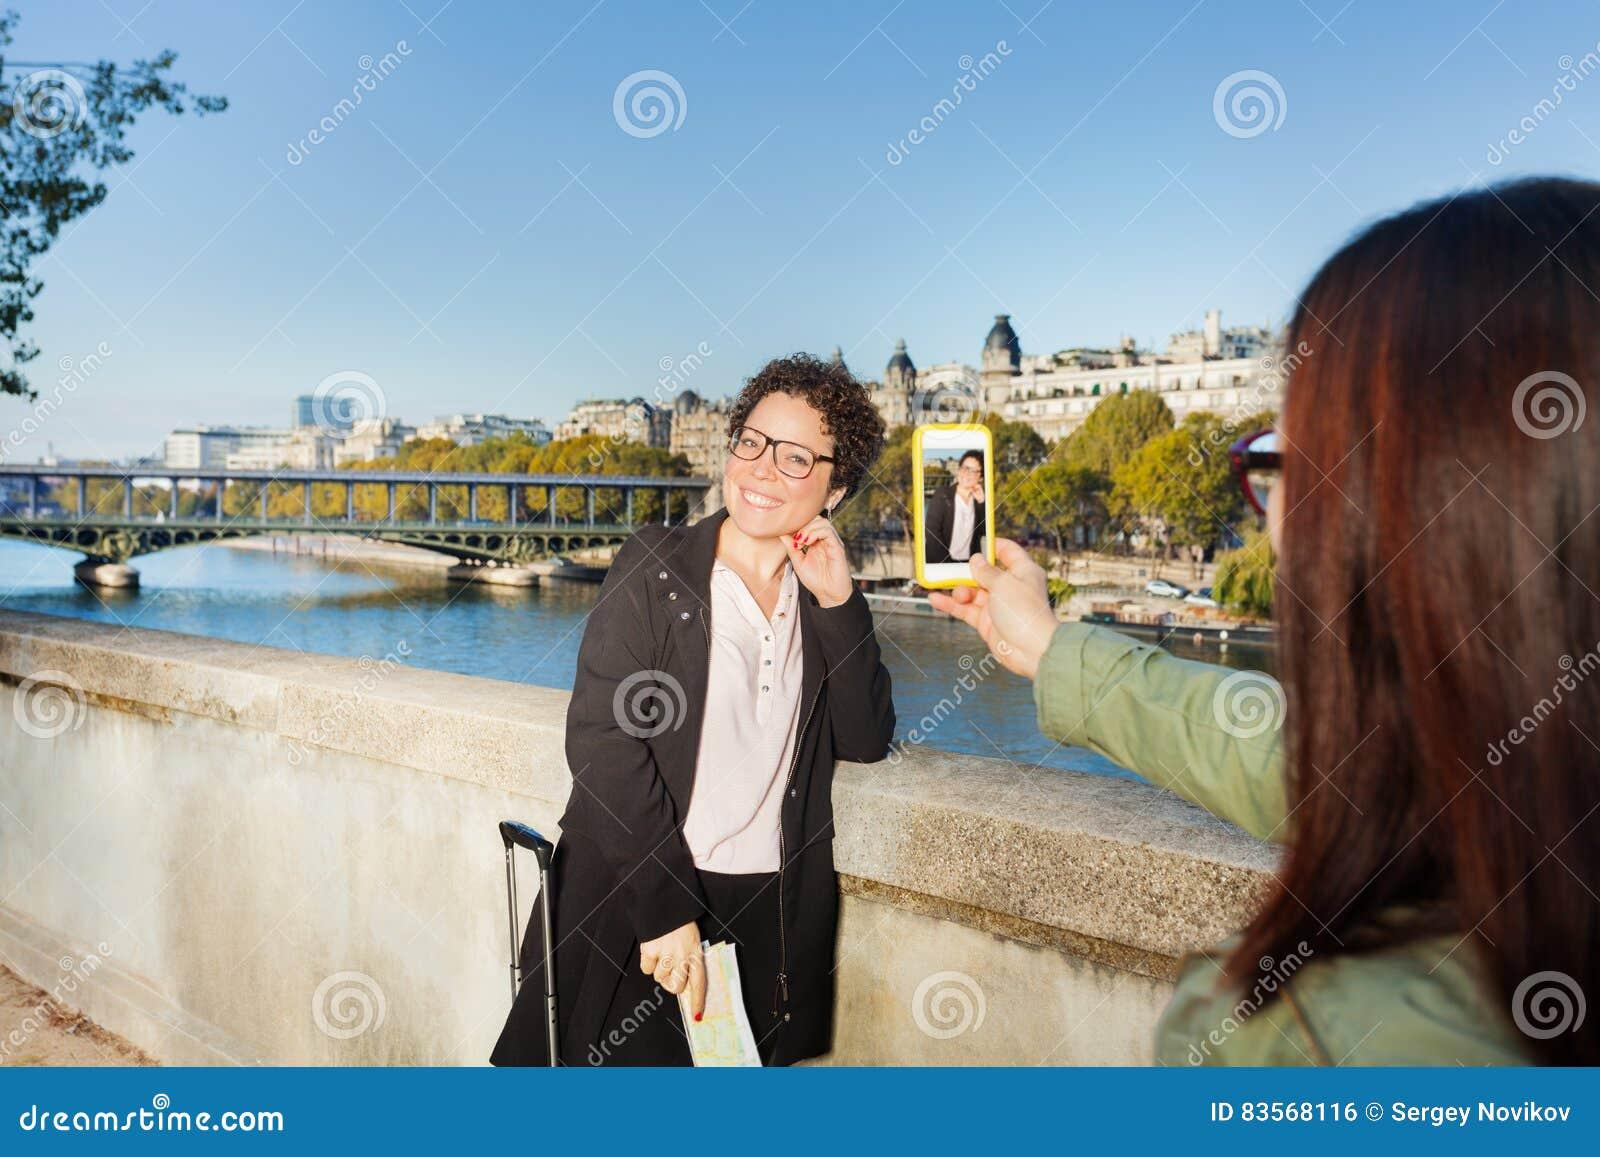 Reisende, die Karte gegen den Eiffelturm lesen